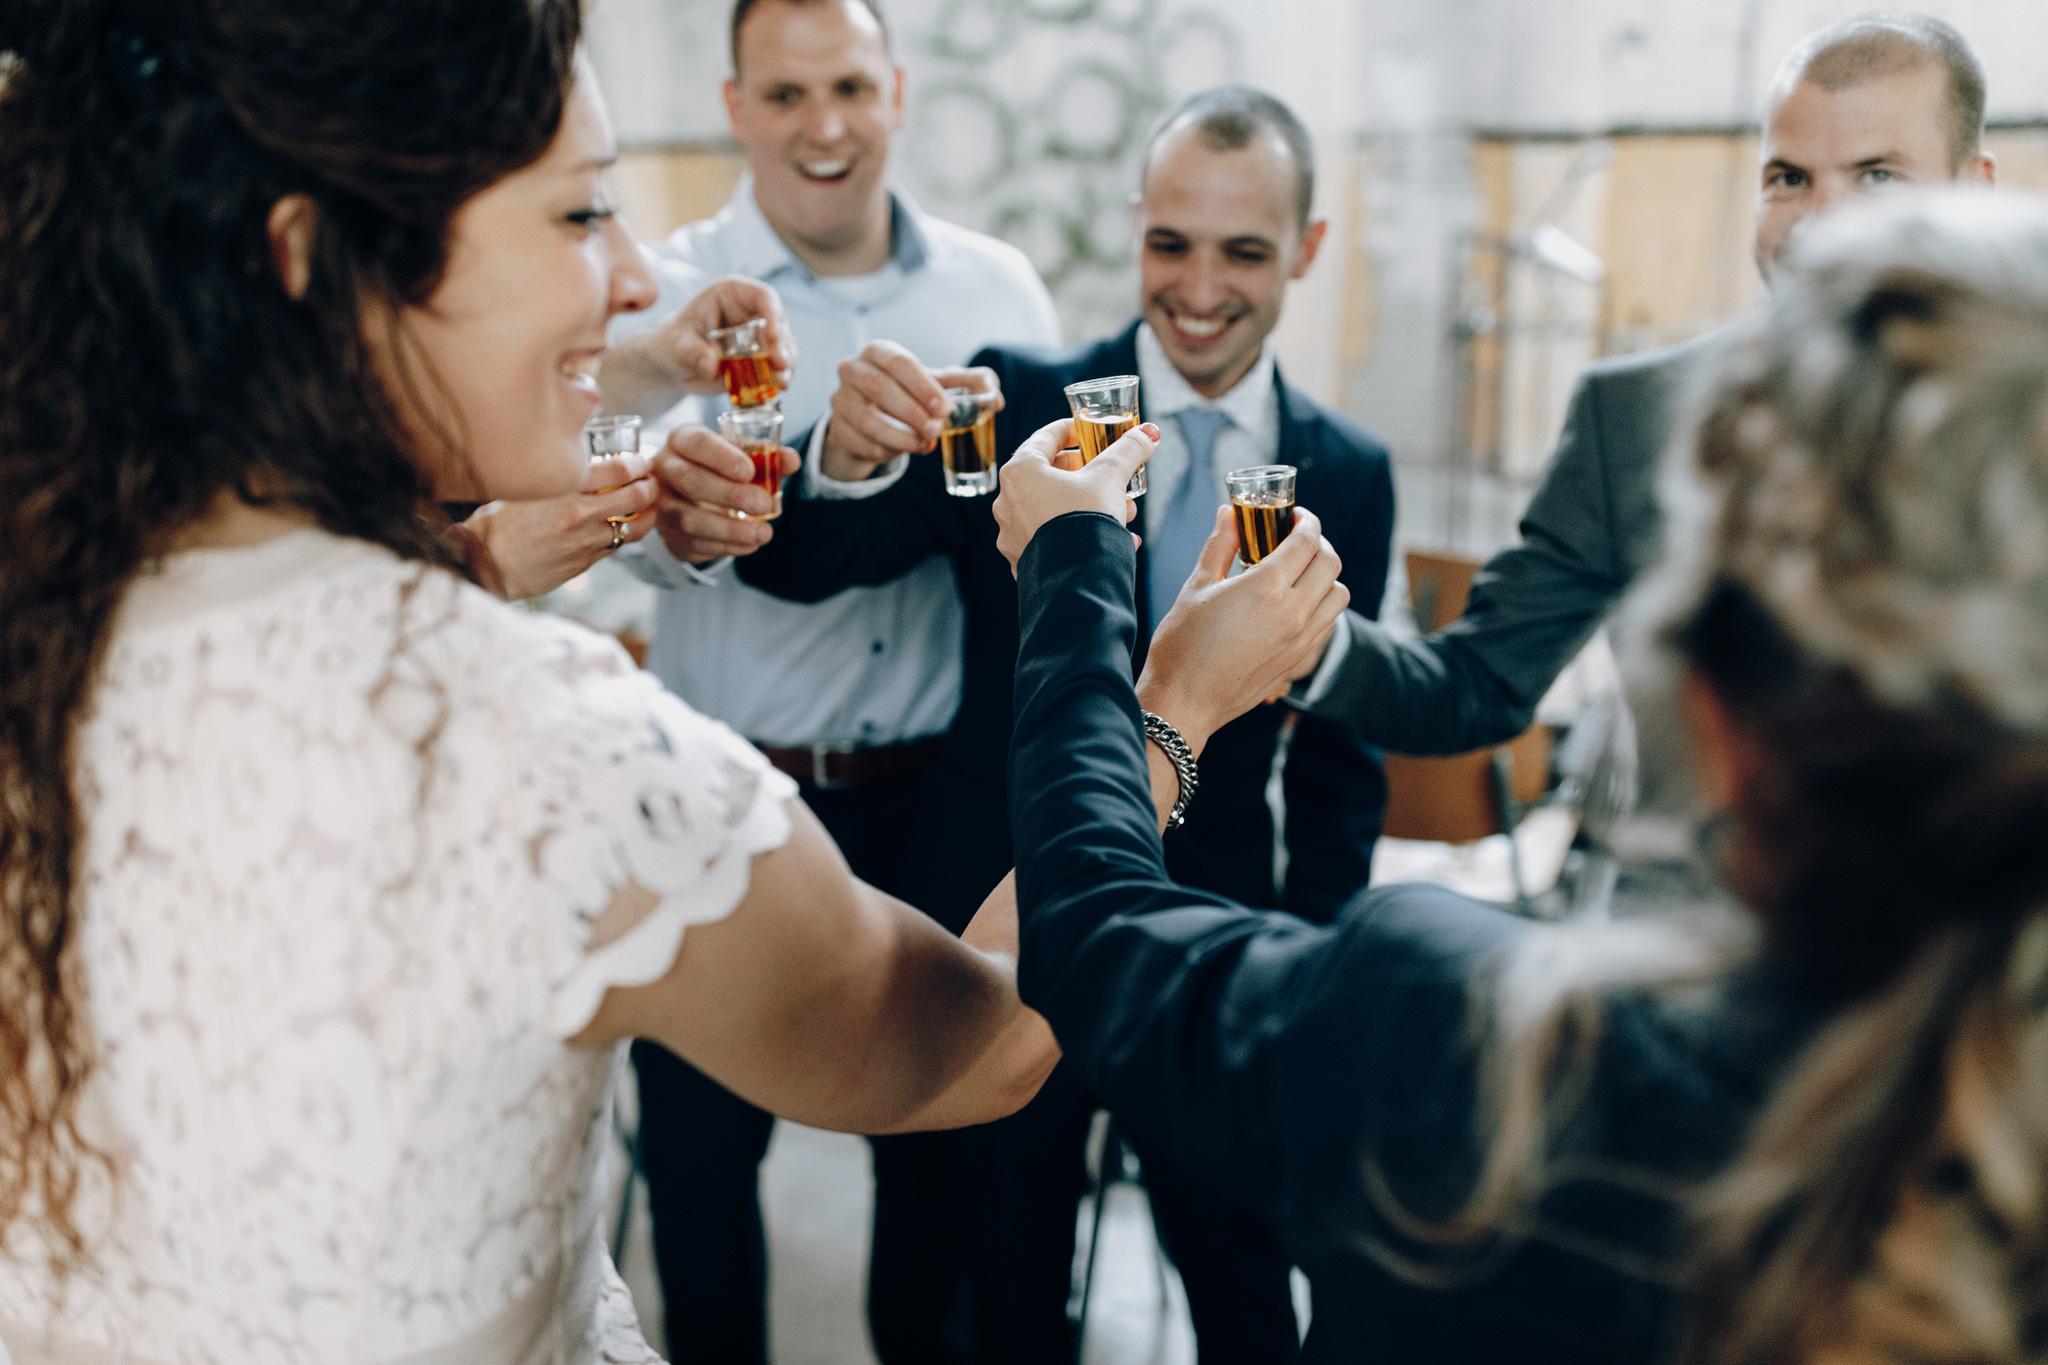 Gasten proosten met shots voor ceremonie in CHV Noordkade